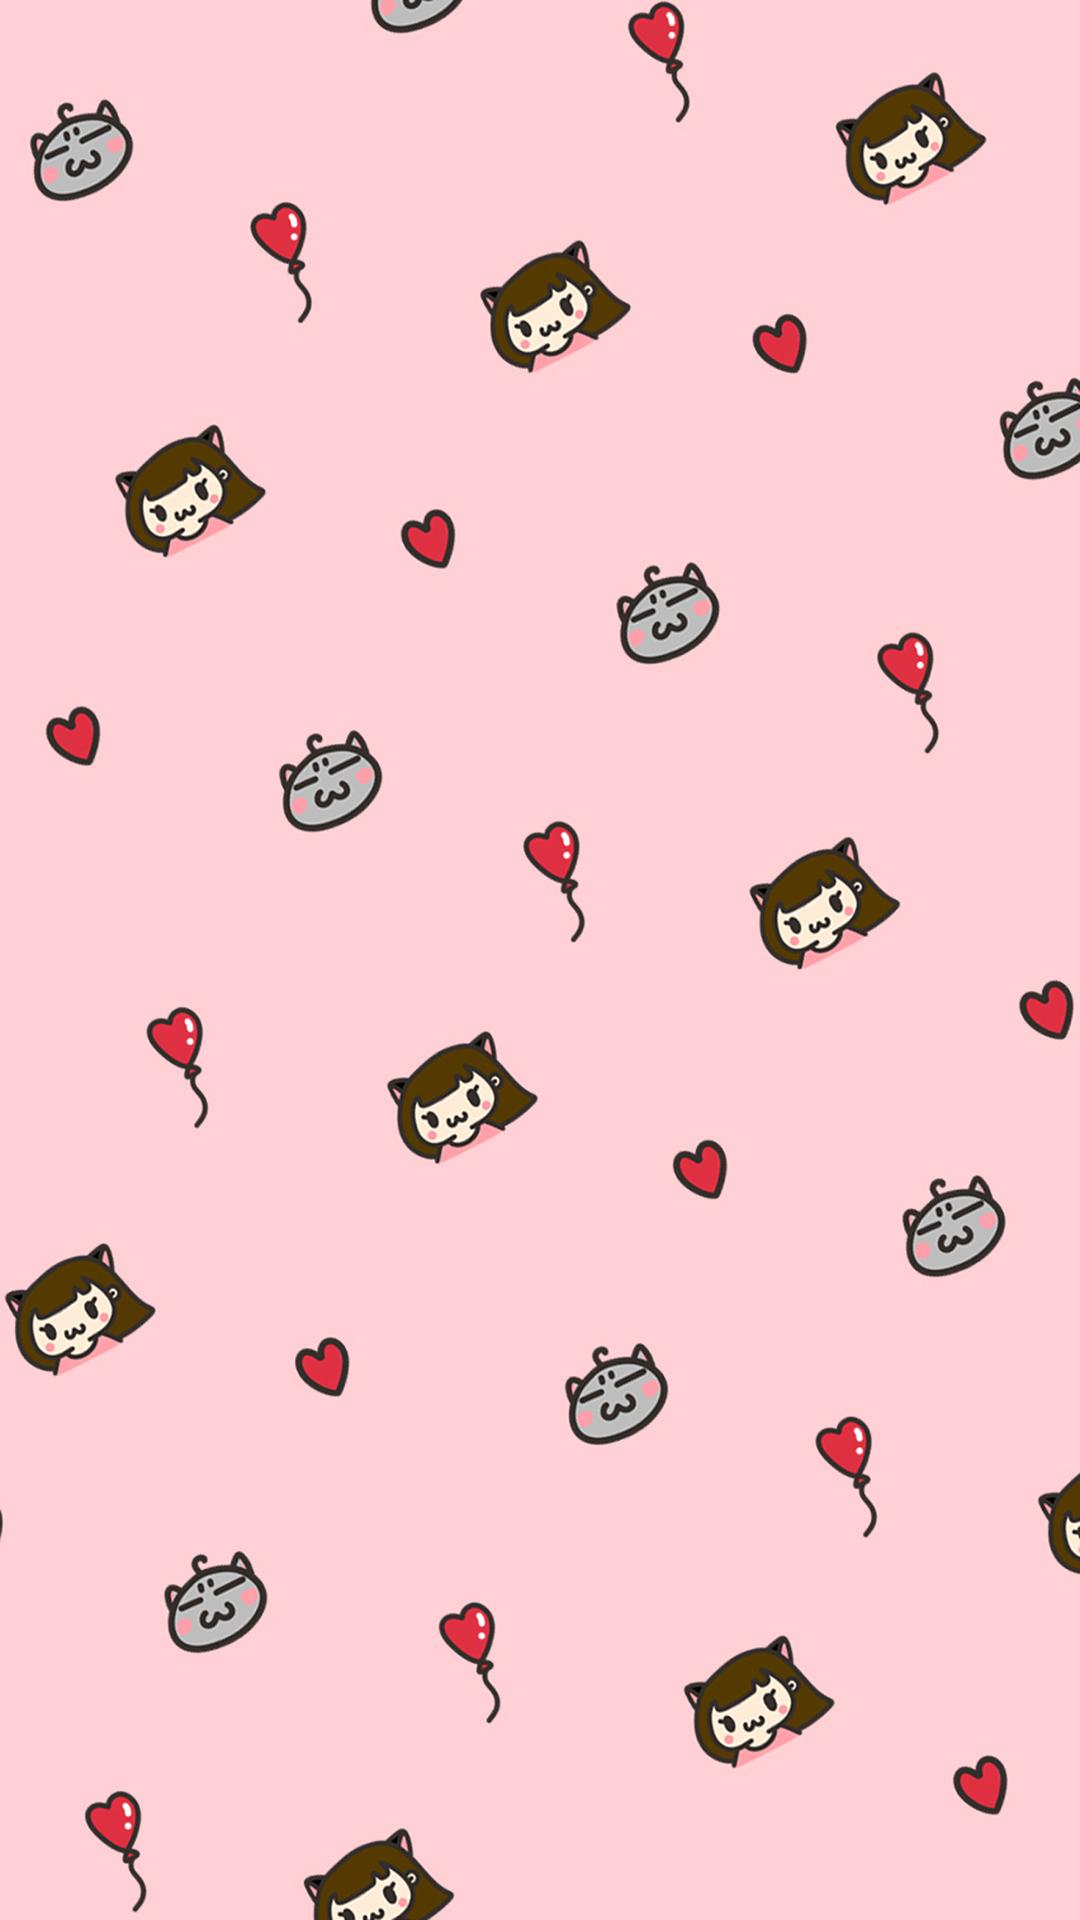 电脑上wap网:爱心 粉色 平铺 卡通 可爱 苹果手机高清壁纸 1080x1920